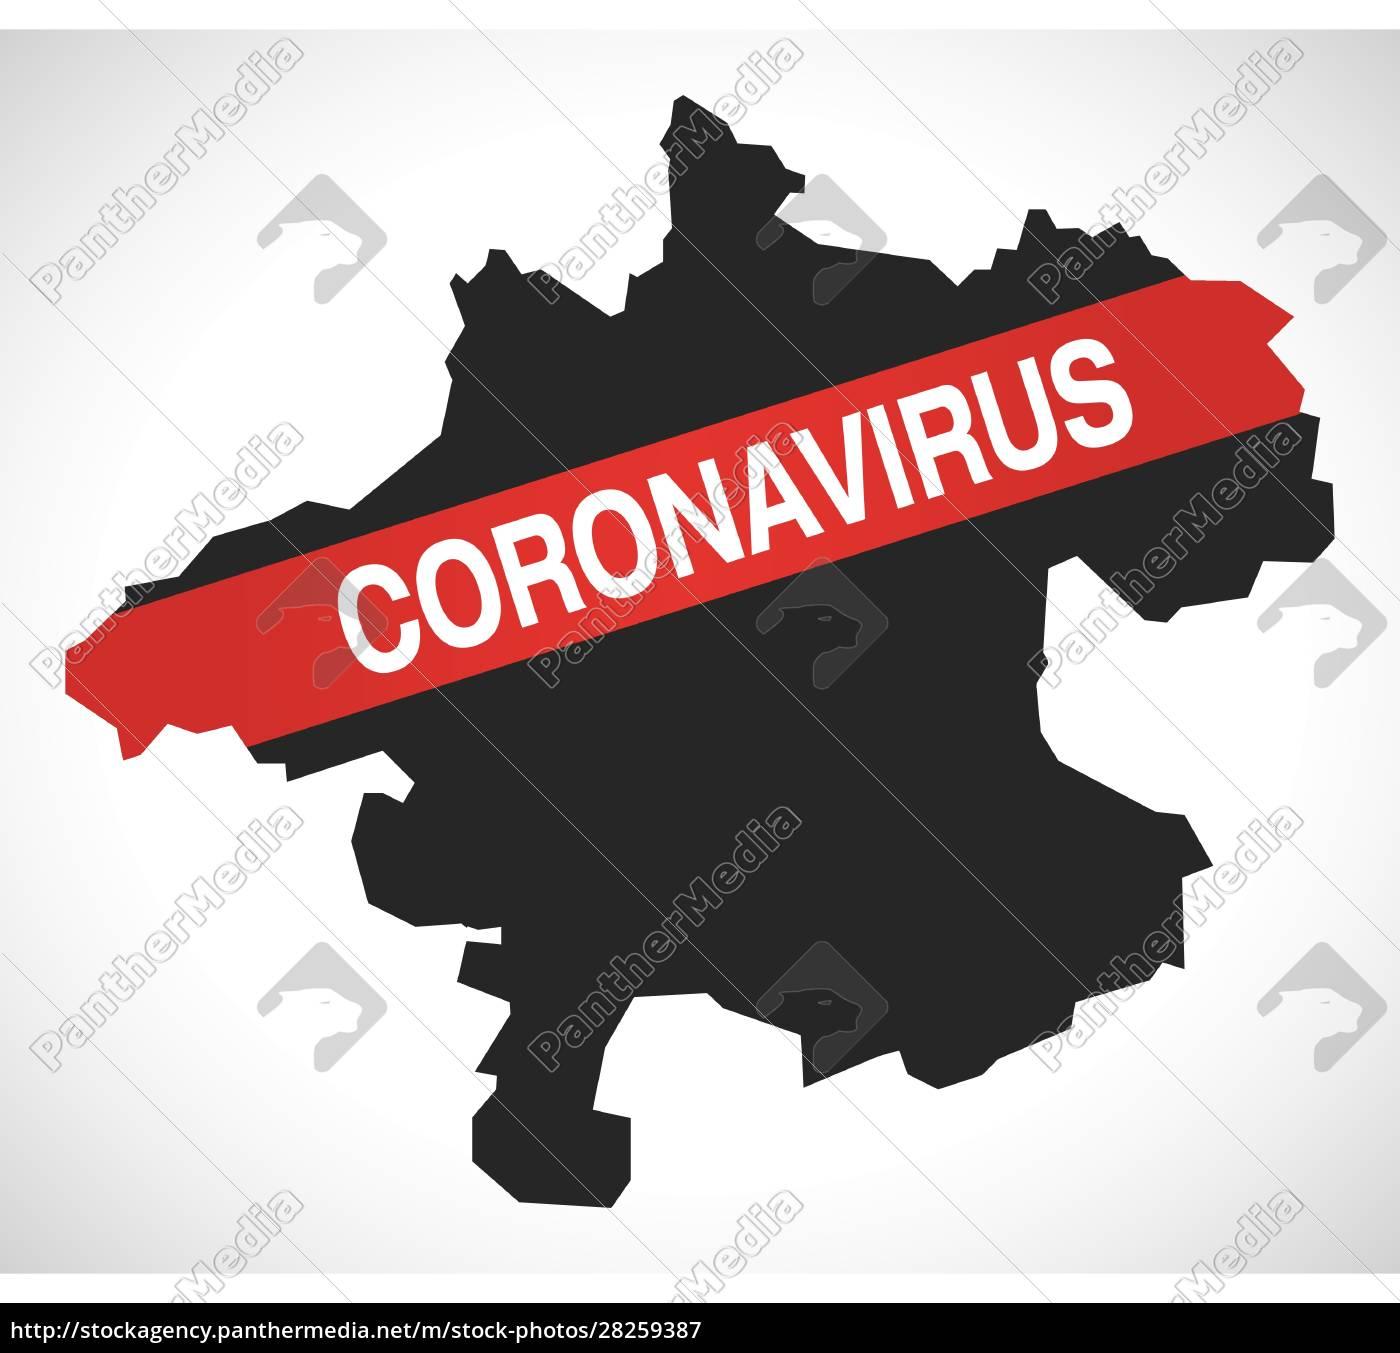 upper, austria, austria, federal, state, map - 28259387